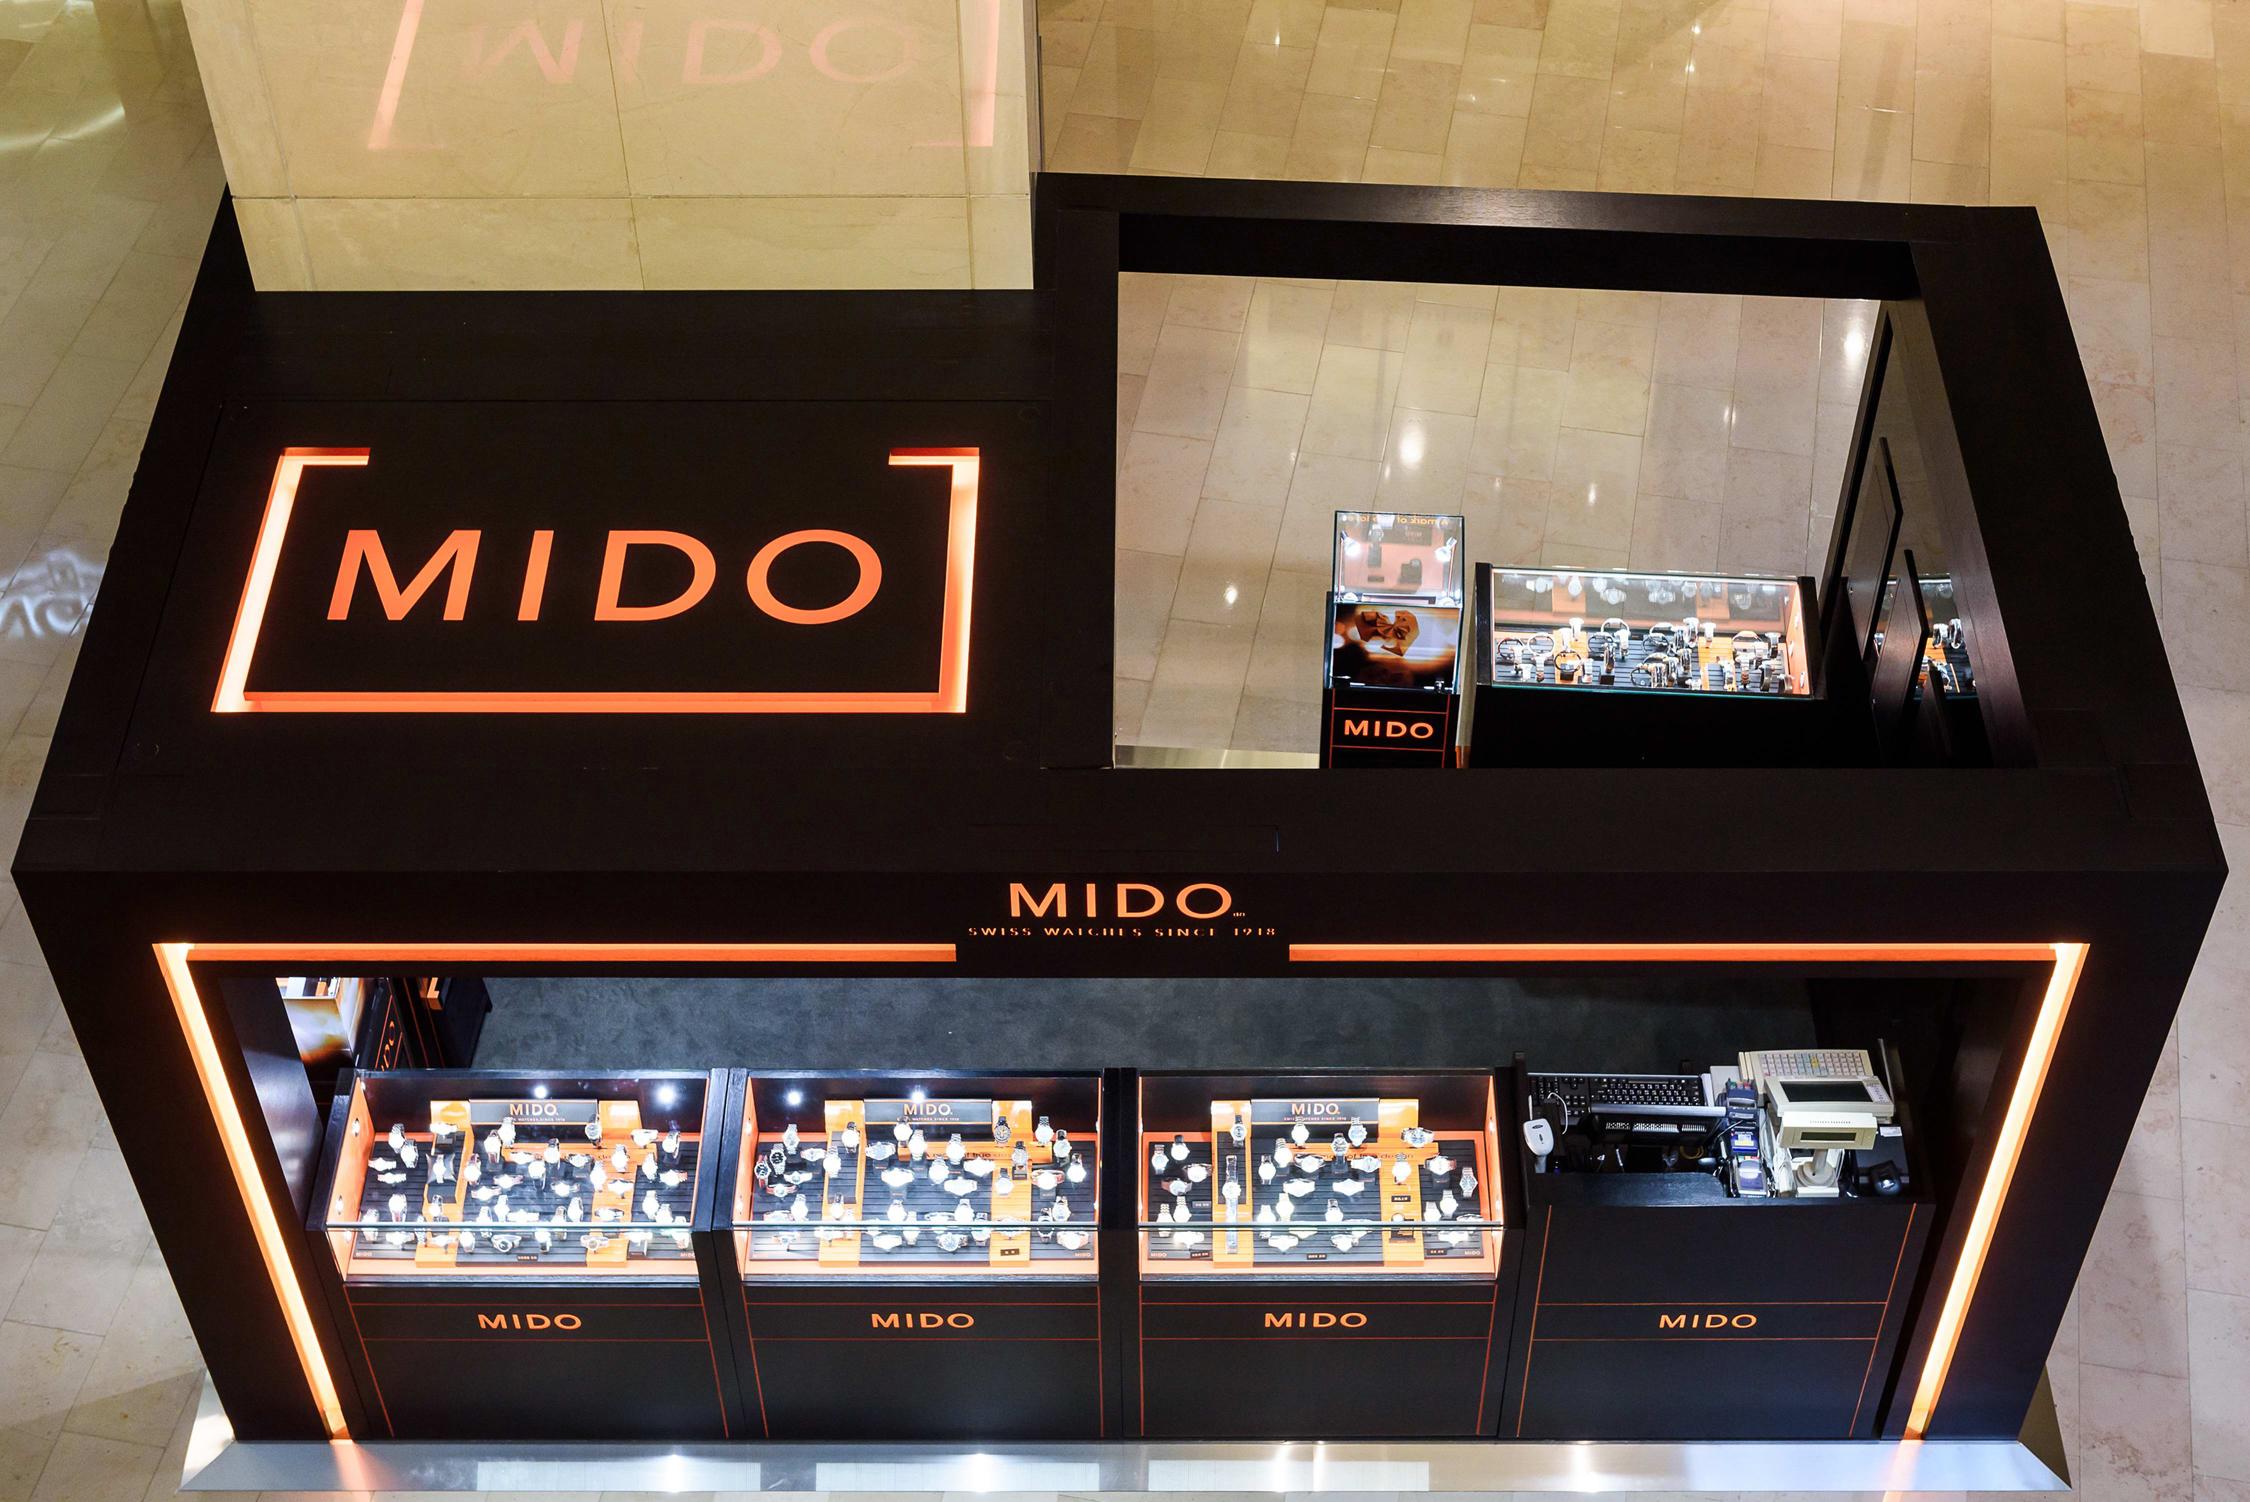 MIDO美度表台北101專賣店全台首度採用巨型LED門框設計,更加凸顯品牌橘黑經典配色。